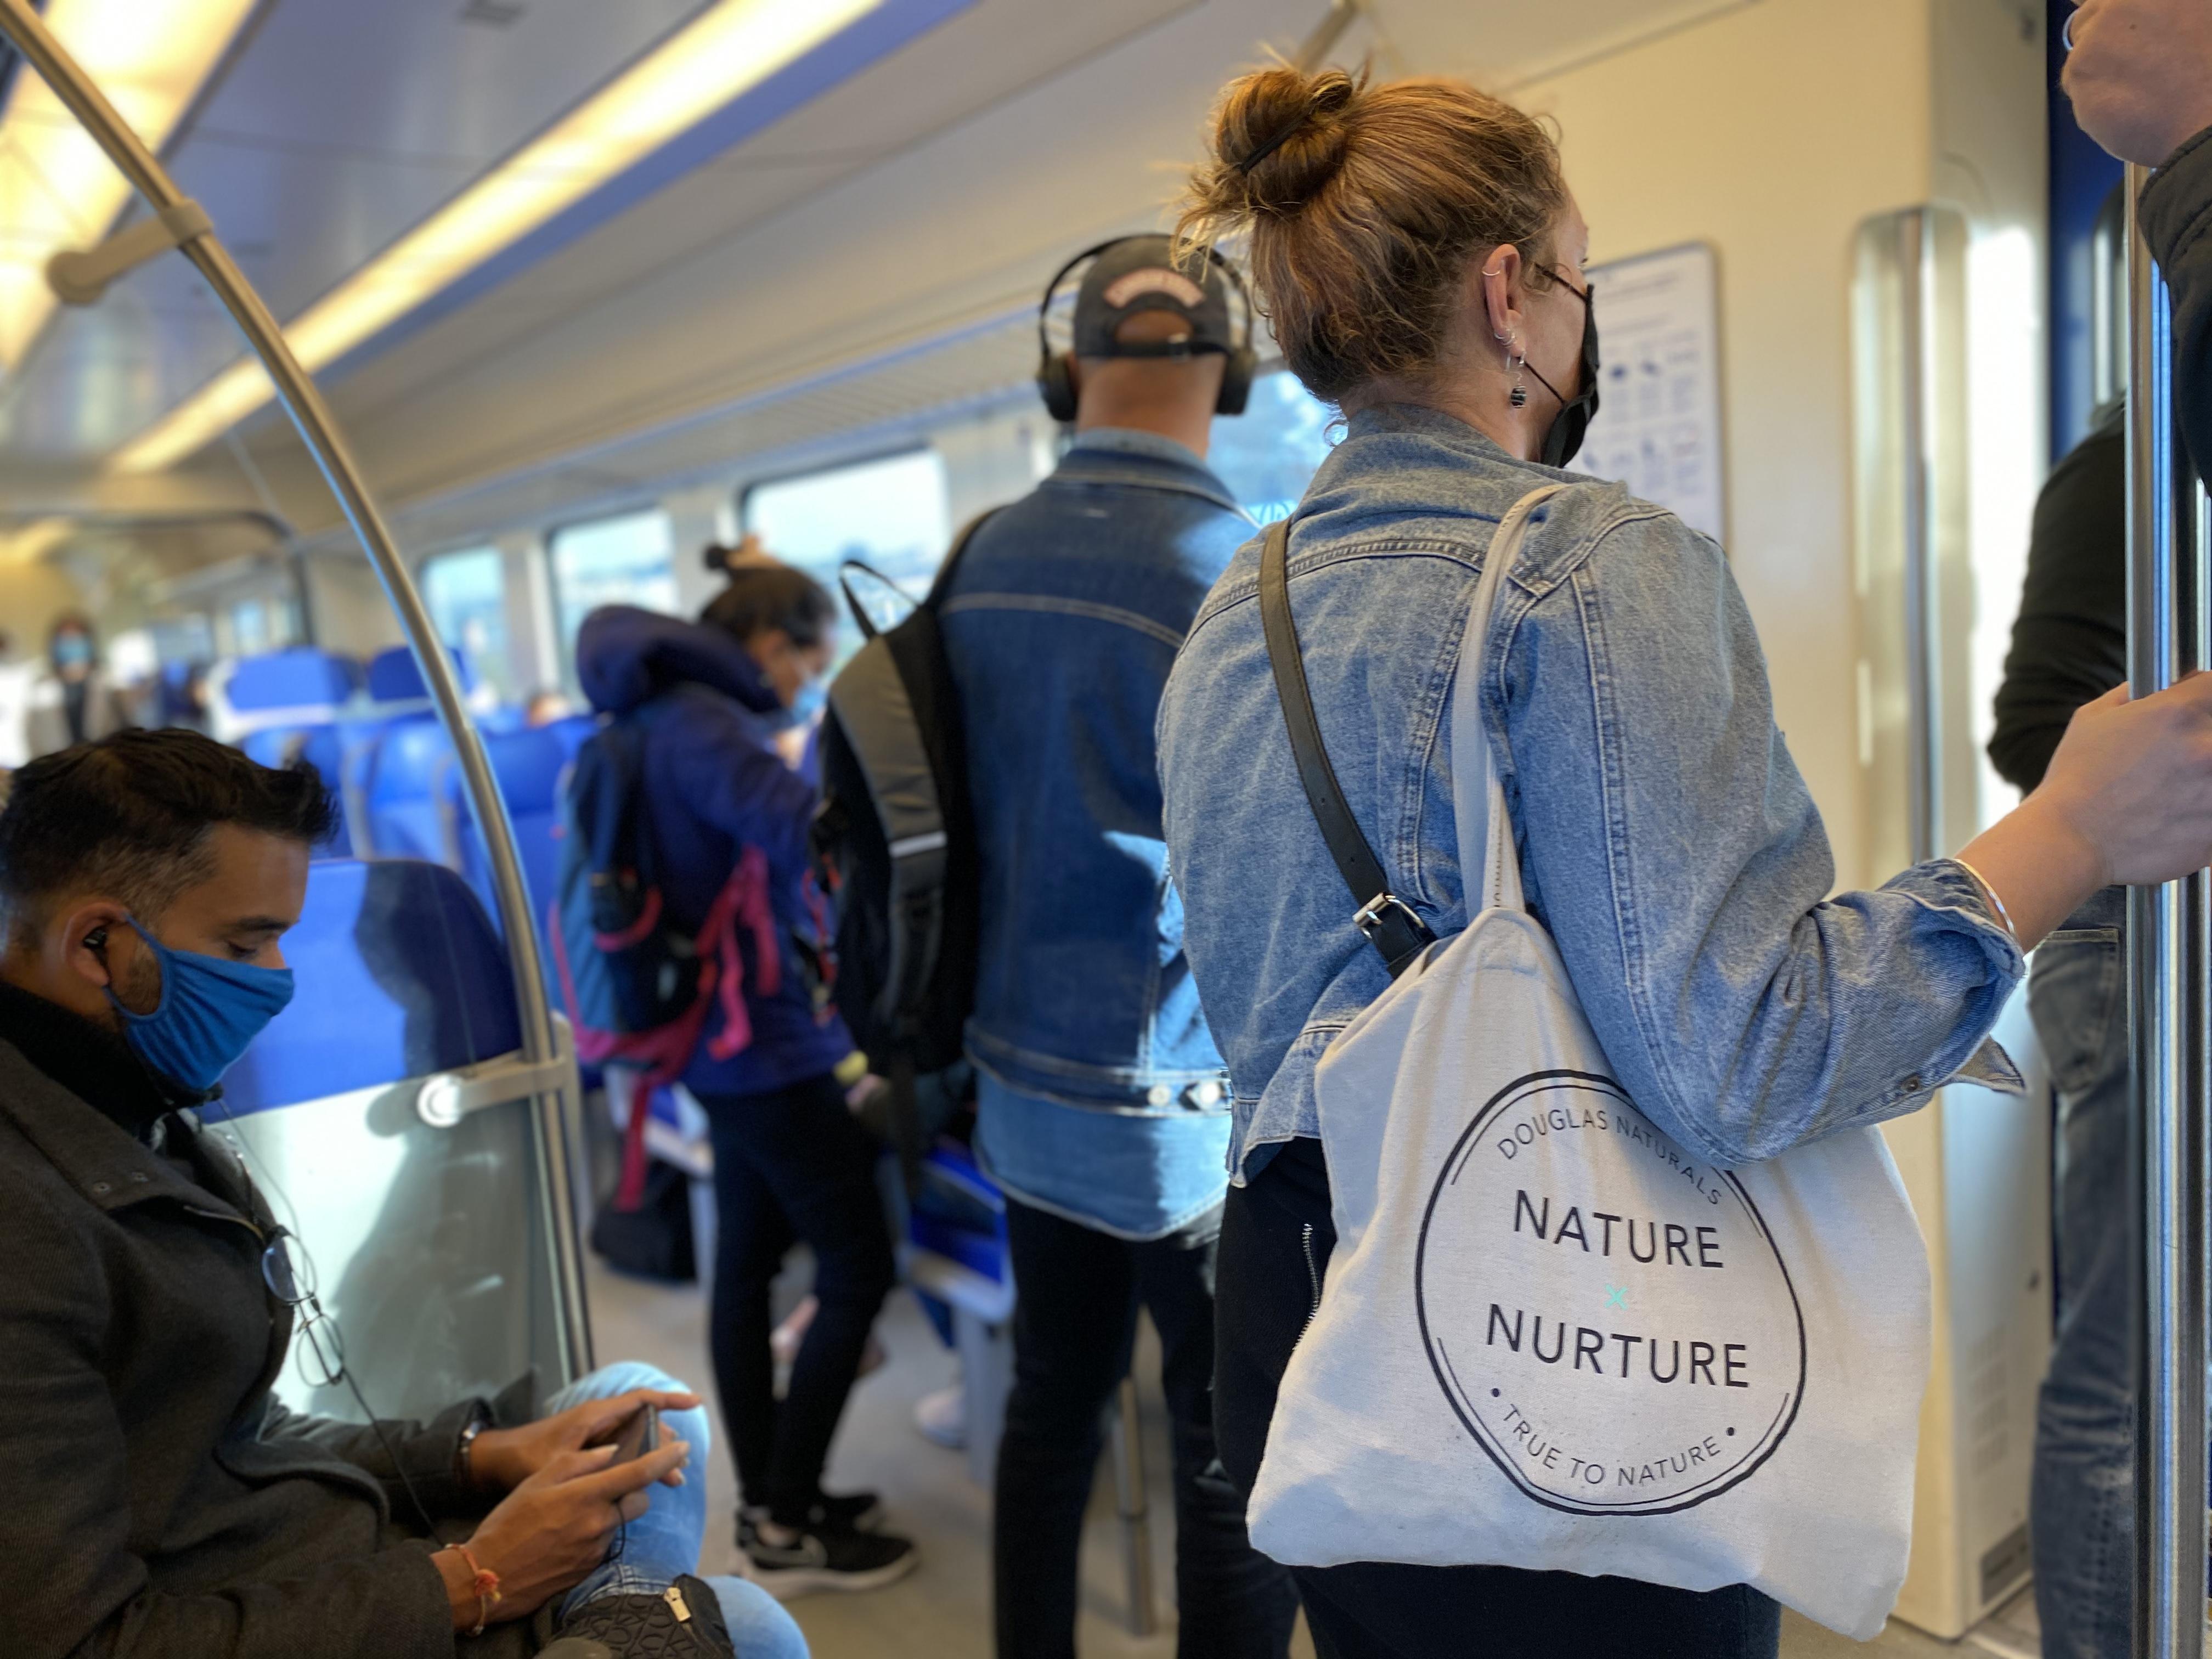 Met de trein van coronabrandhaard naar West-Friesland: 'Mensen komen gewoon dichtbij je staan op station' [video]